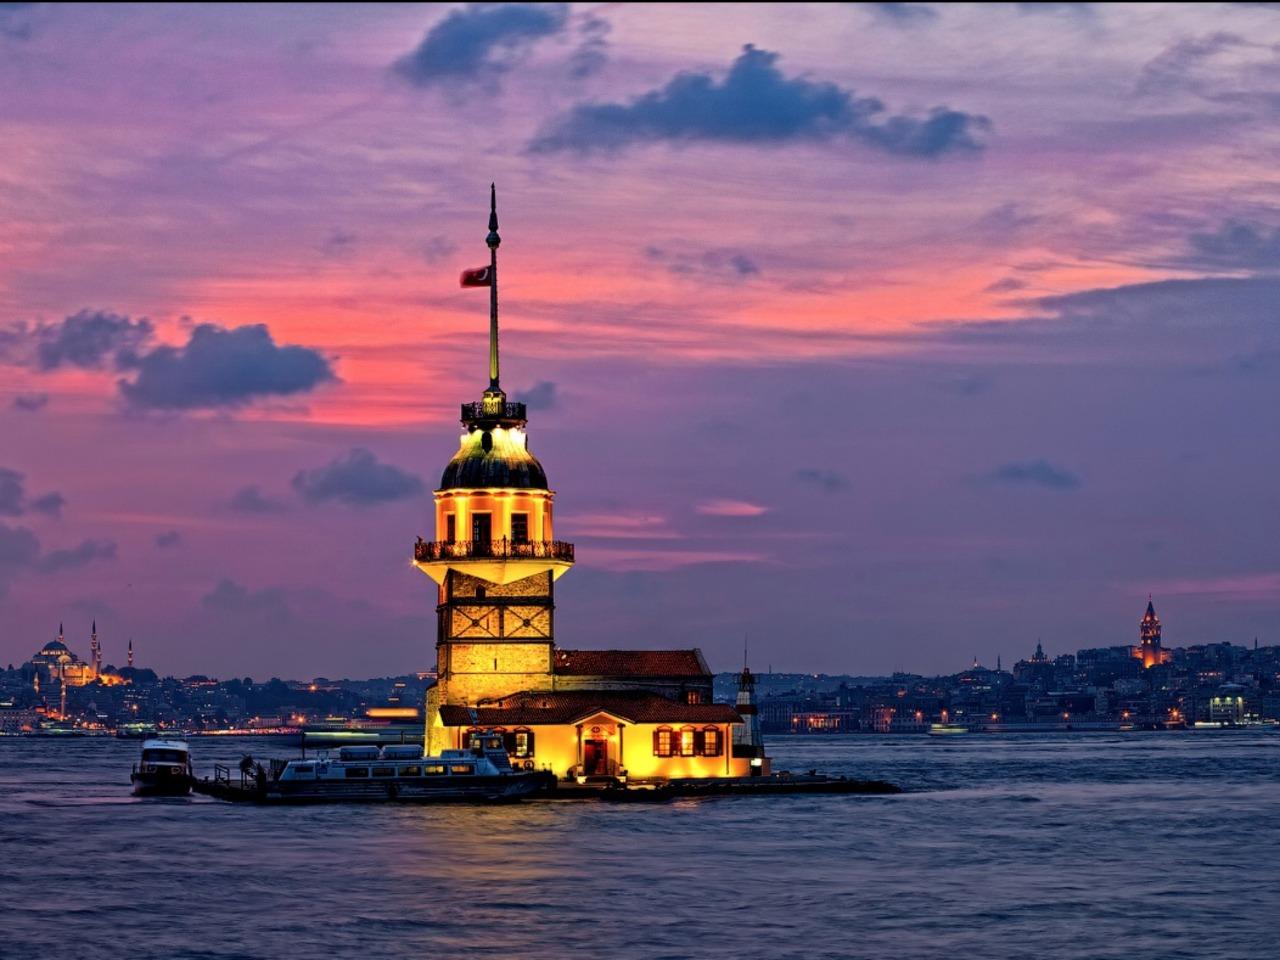 Обзорная экскурсия по Стамбулу - индивидуальная экскурсия в Стамбуле от опытного гида